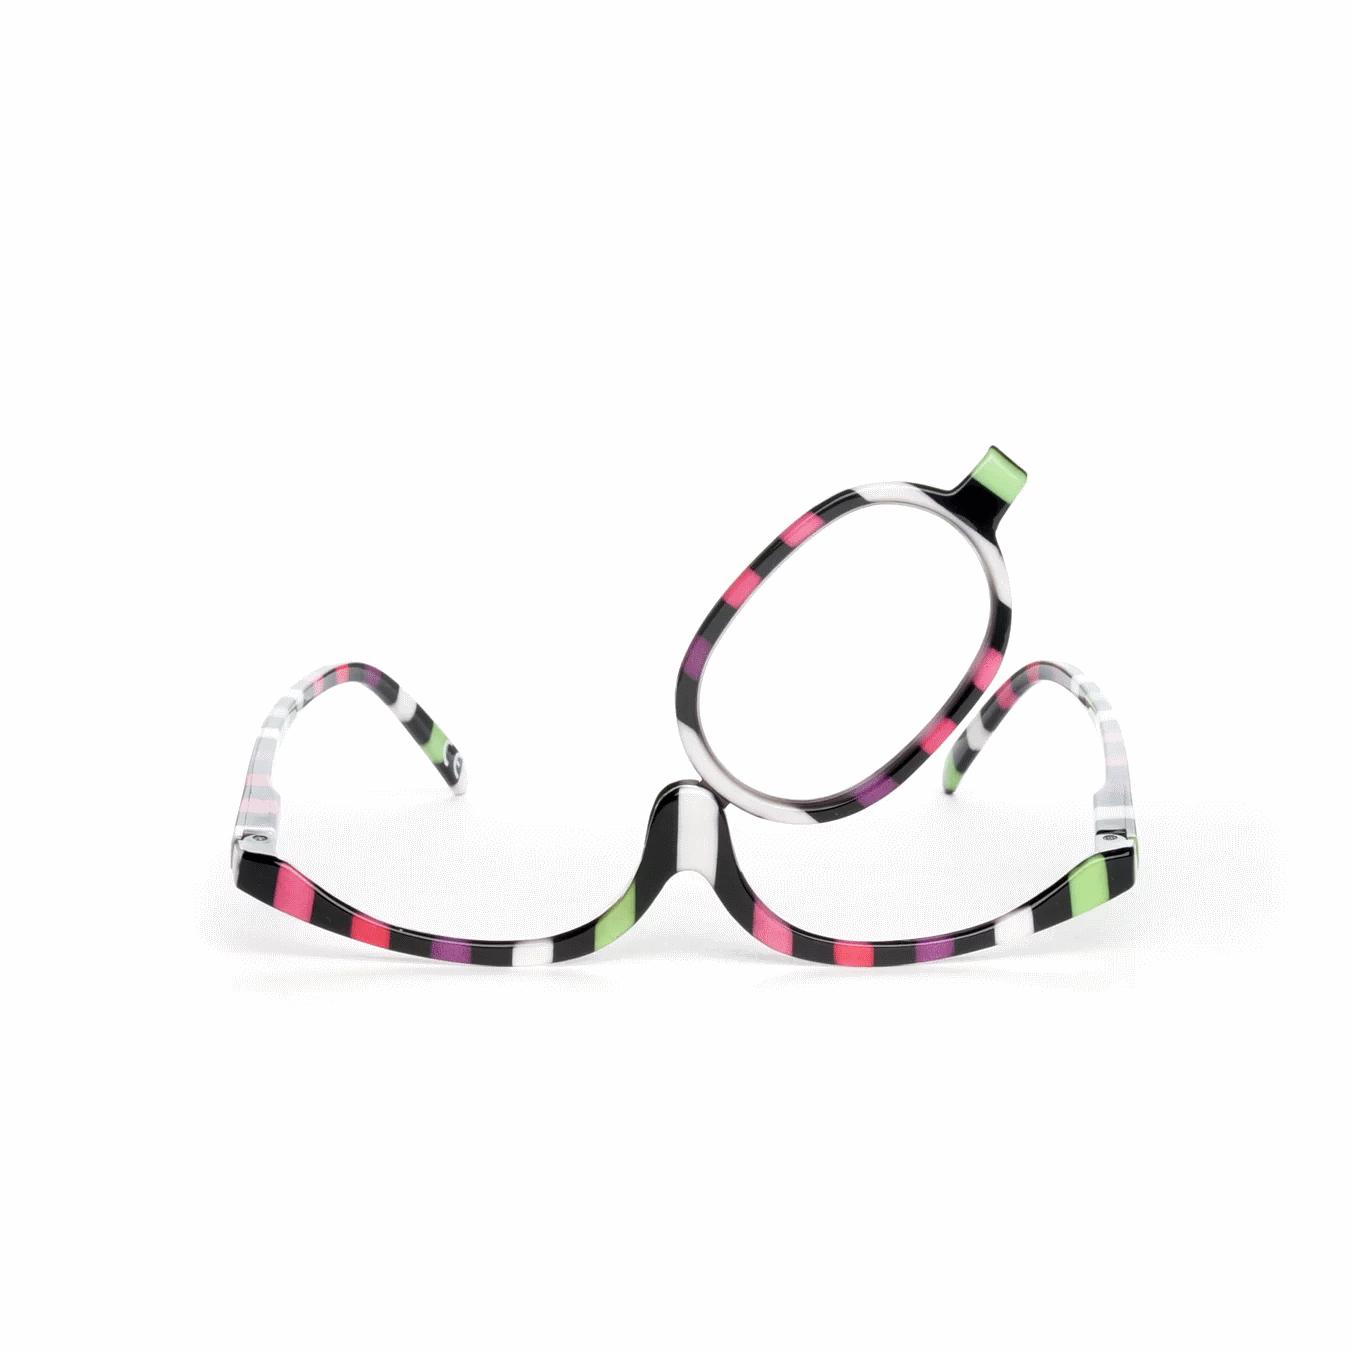 couleur senior lunettes de maquillage verre pivotant pour se maquiller avec pr cision. Black Bedroom Furniture Sets. Home Design Ideas